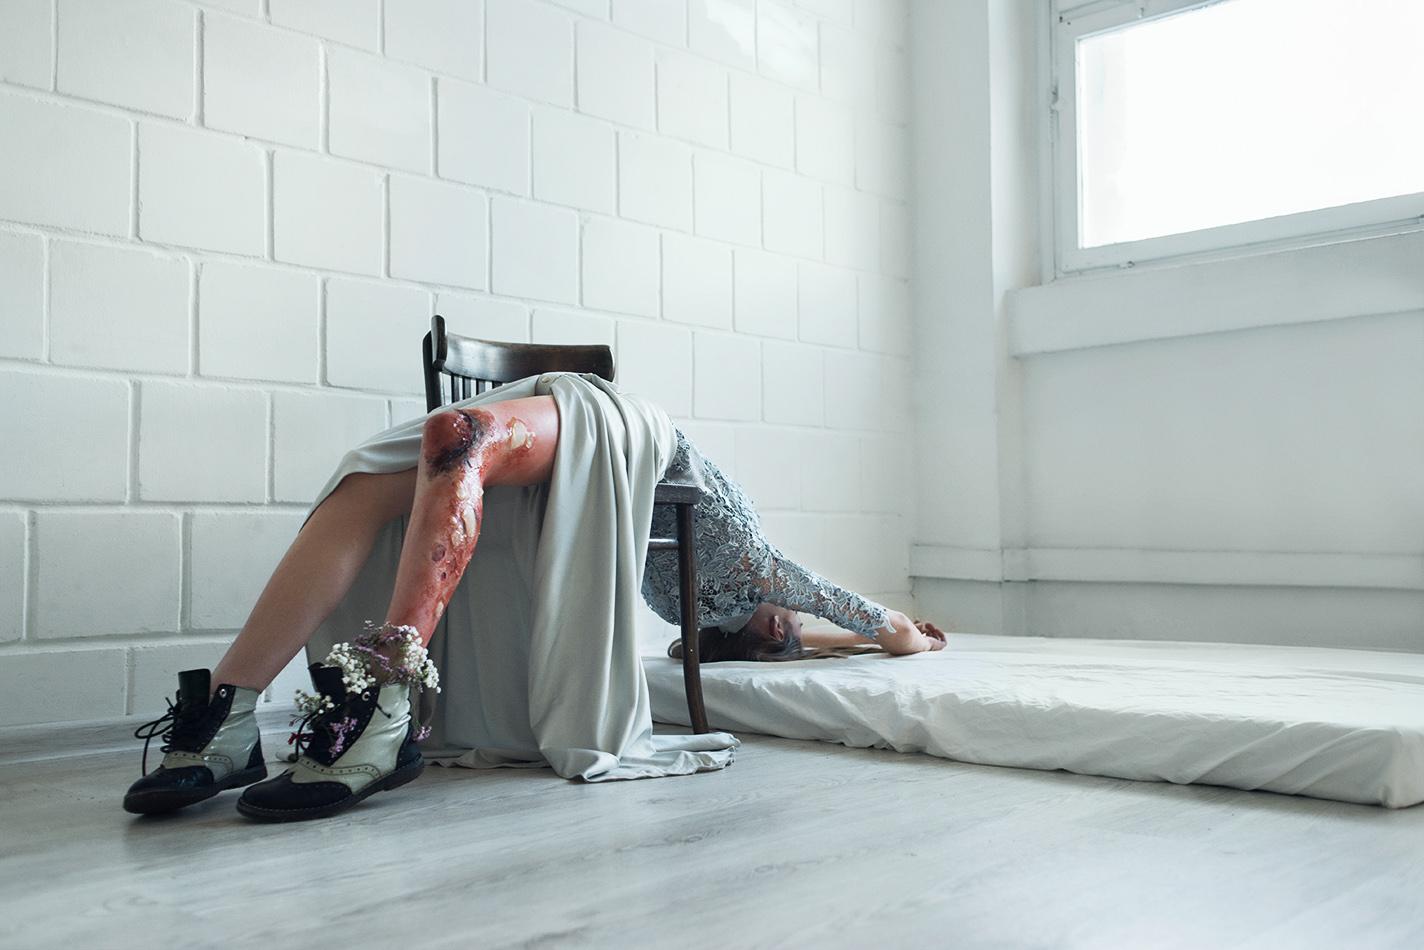 Zwisająca z krzesła kobieta z zakrwawioną nogą